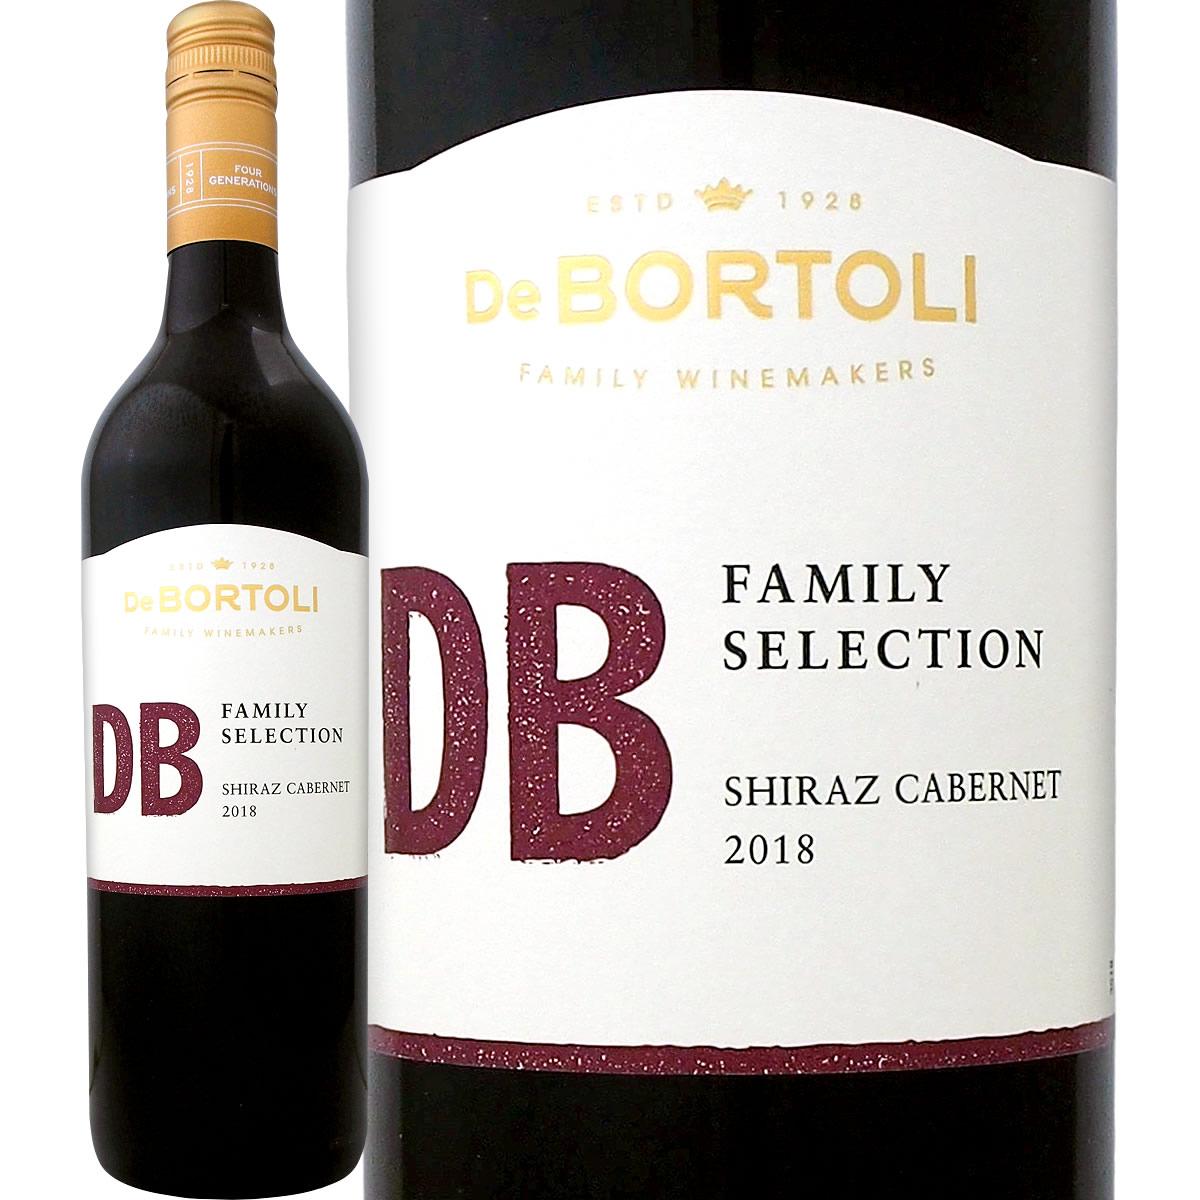 一個人誌 極旨 ワイングランプリ 第一位 ≪頂上ワイン ≫さらに 公式 ワイン王国最高満点5ッ星 オーストラリア ワイン 赤 ミディアムボディ デ 大放出セール シラーズ 750ml 最新ヴィンテージ 赤ワイン DB 辛口 ボルトリ カベルネ